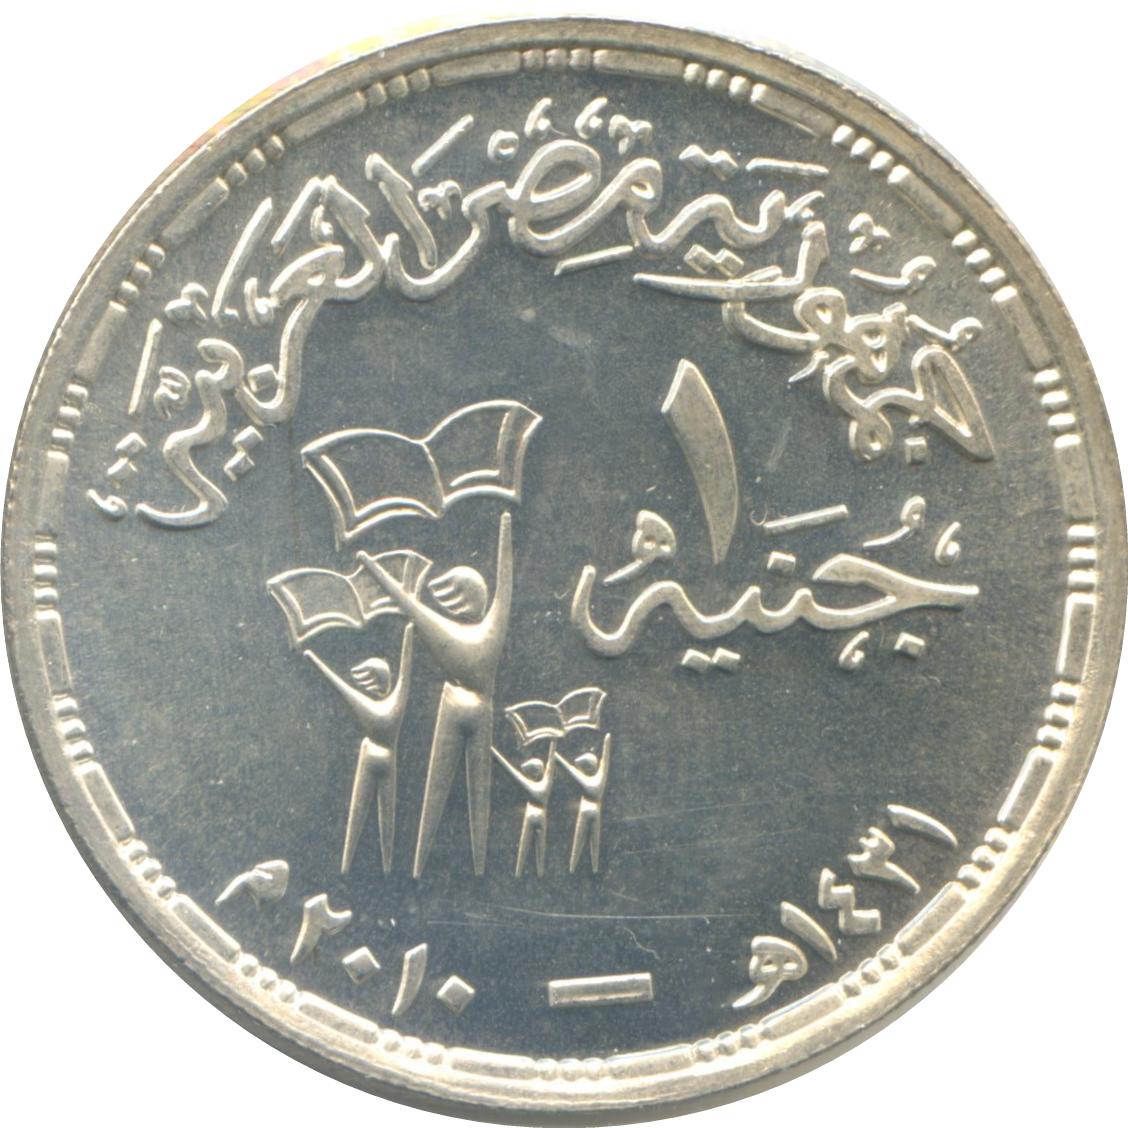 1 2 fr 1971 coin value